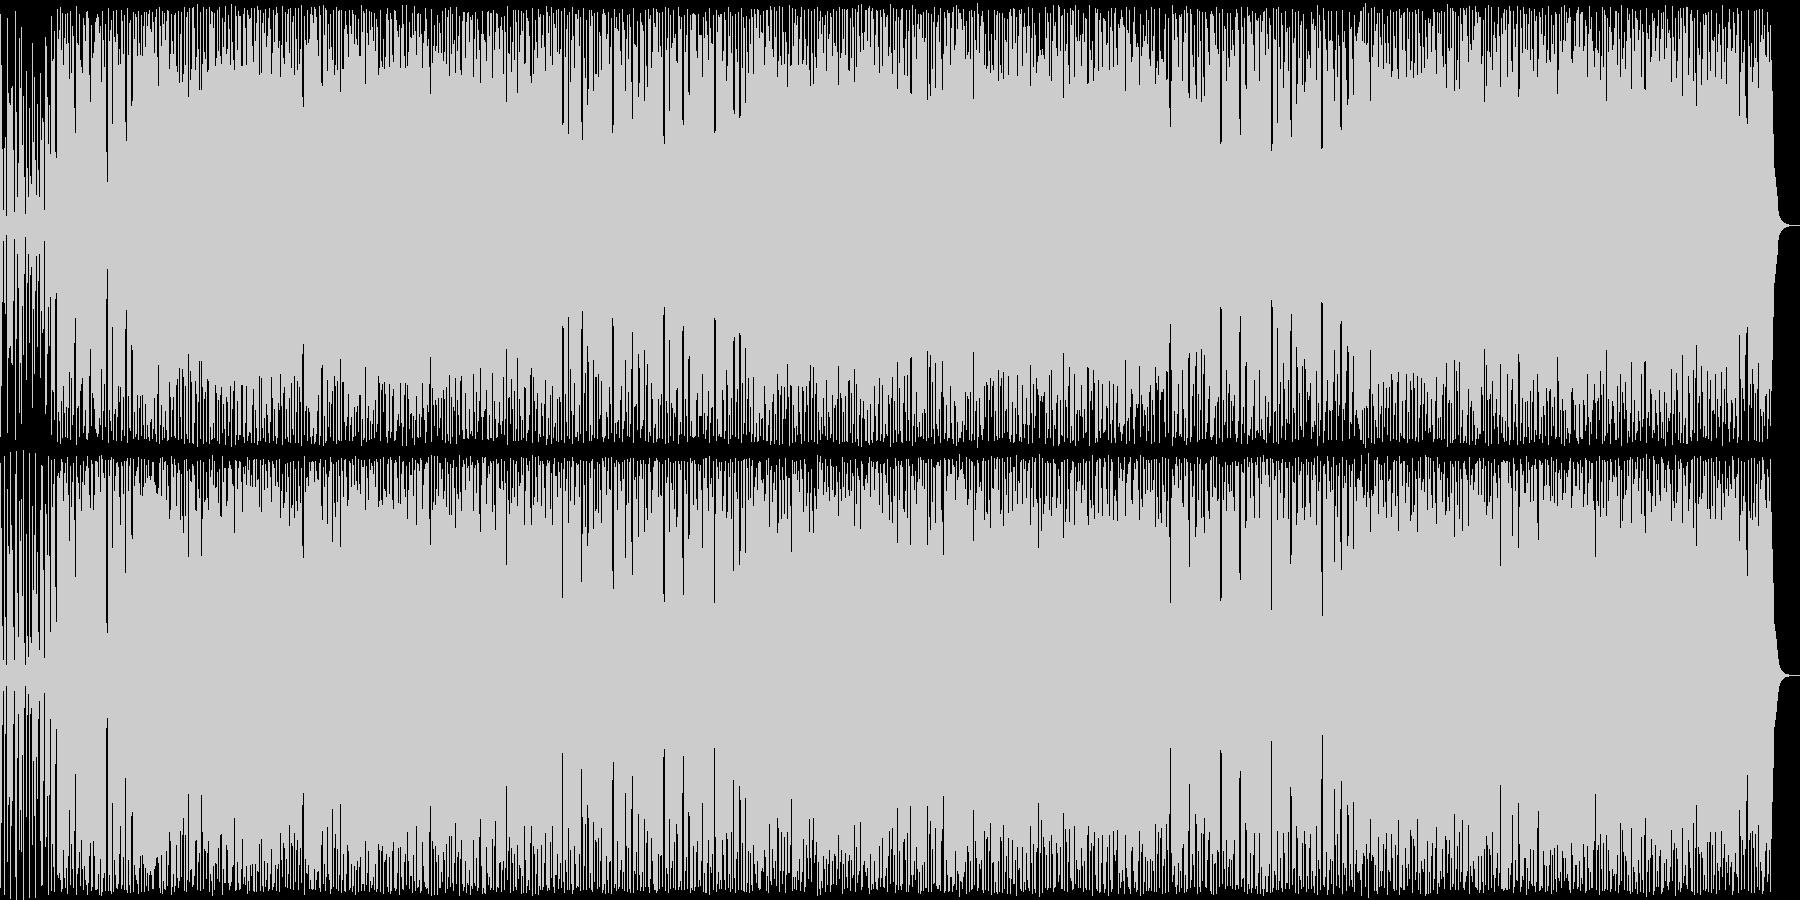 コミカルなギター・ドラムなどのサウンドの未再生の波形